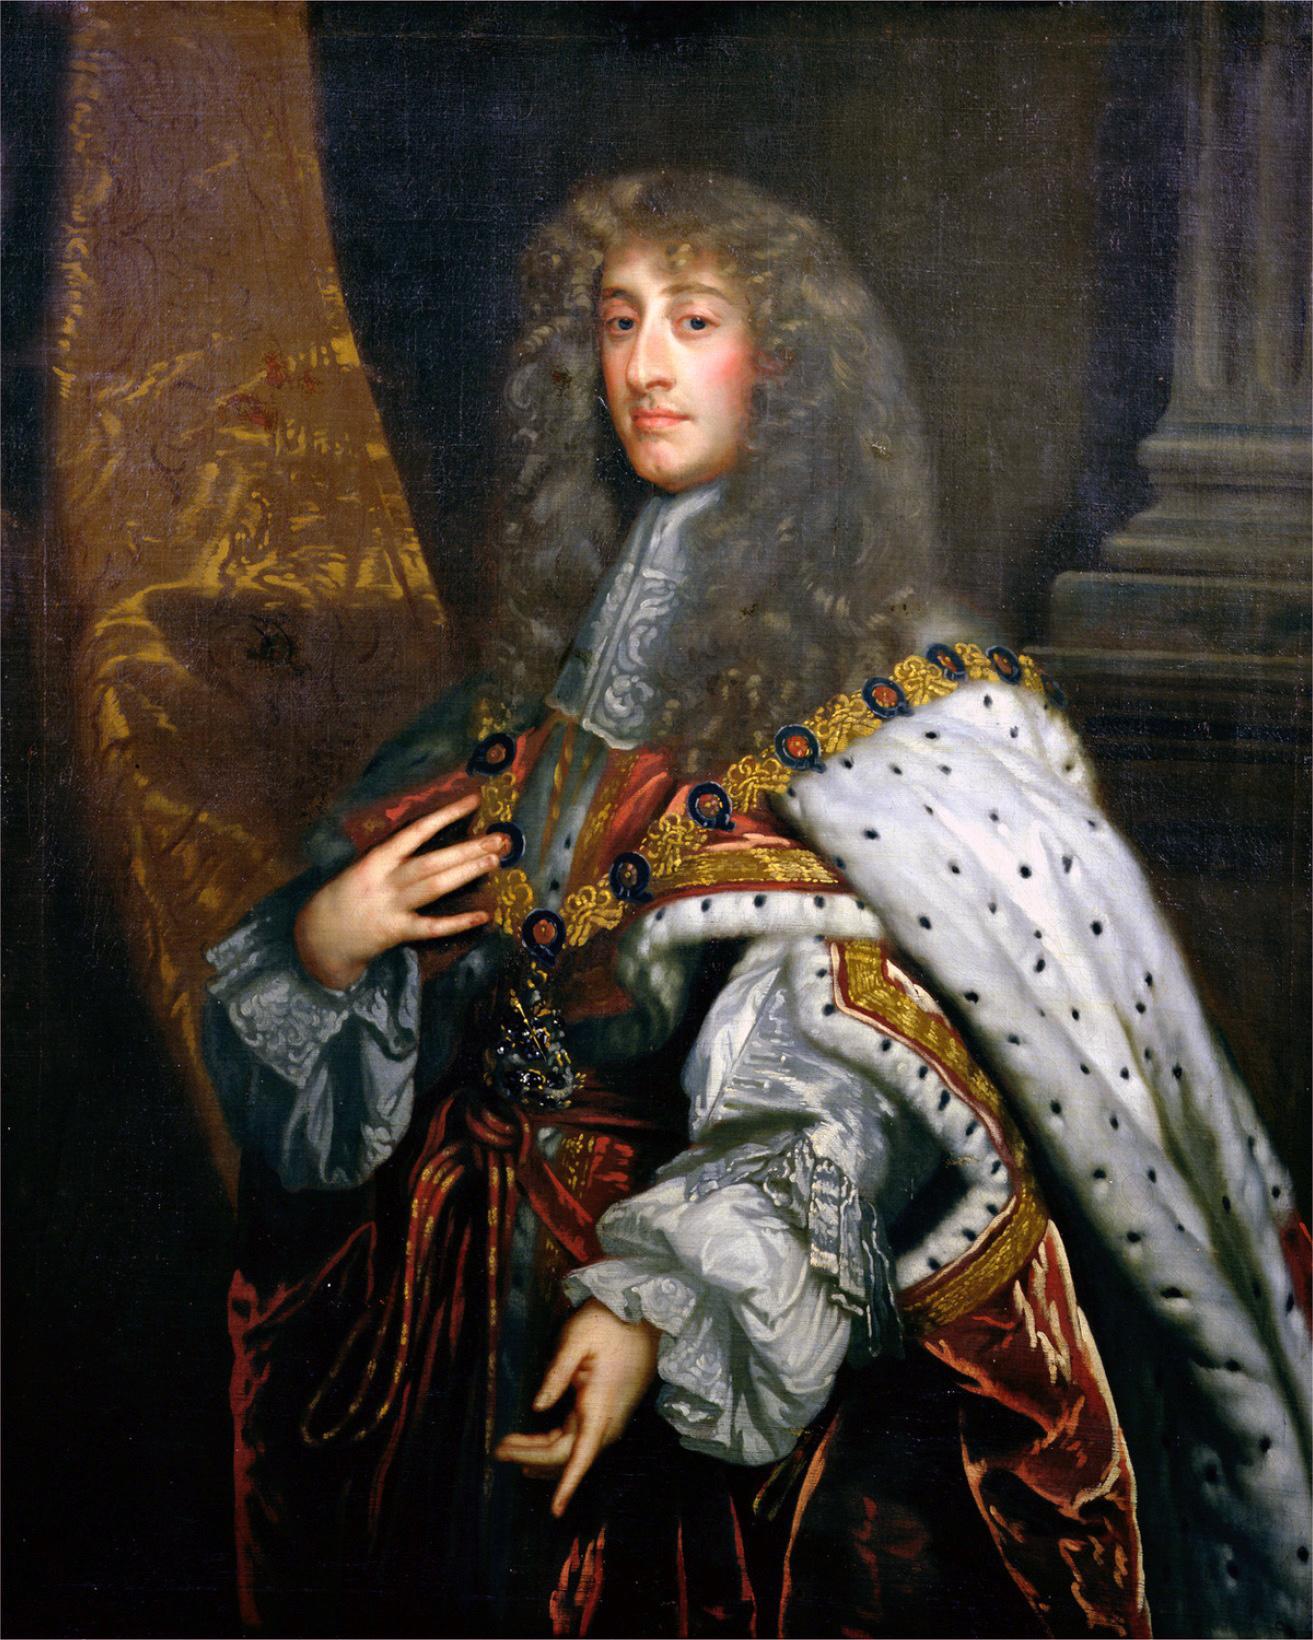 File:James II by Peter Lely.jpg